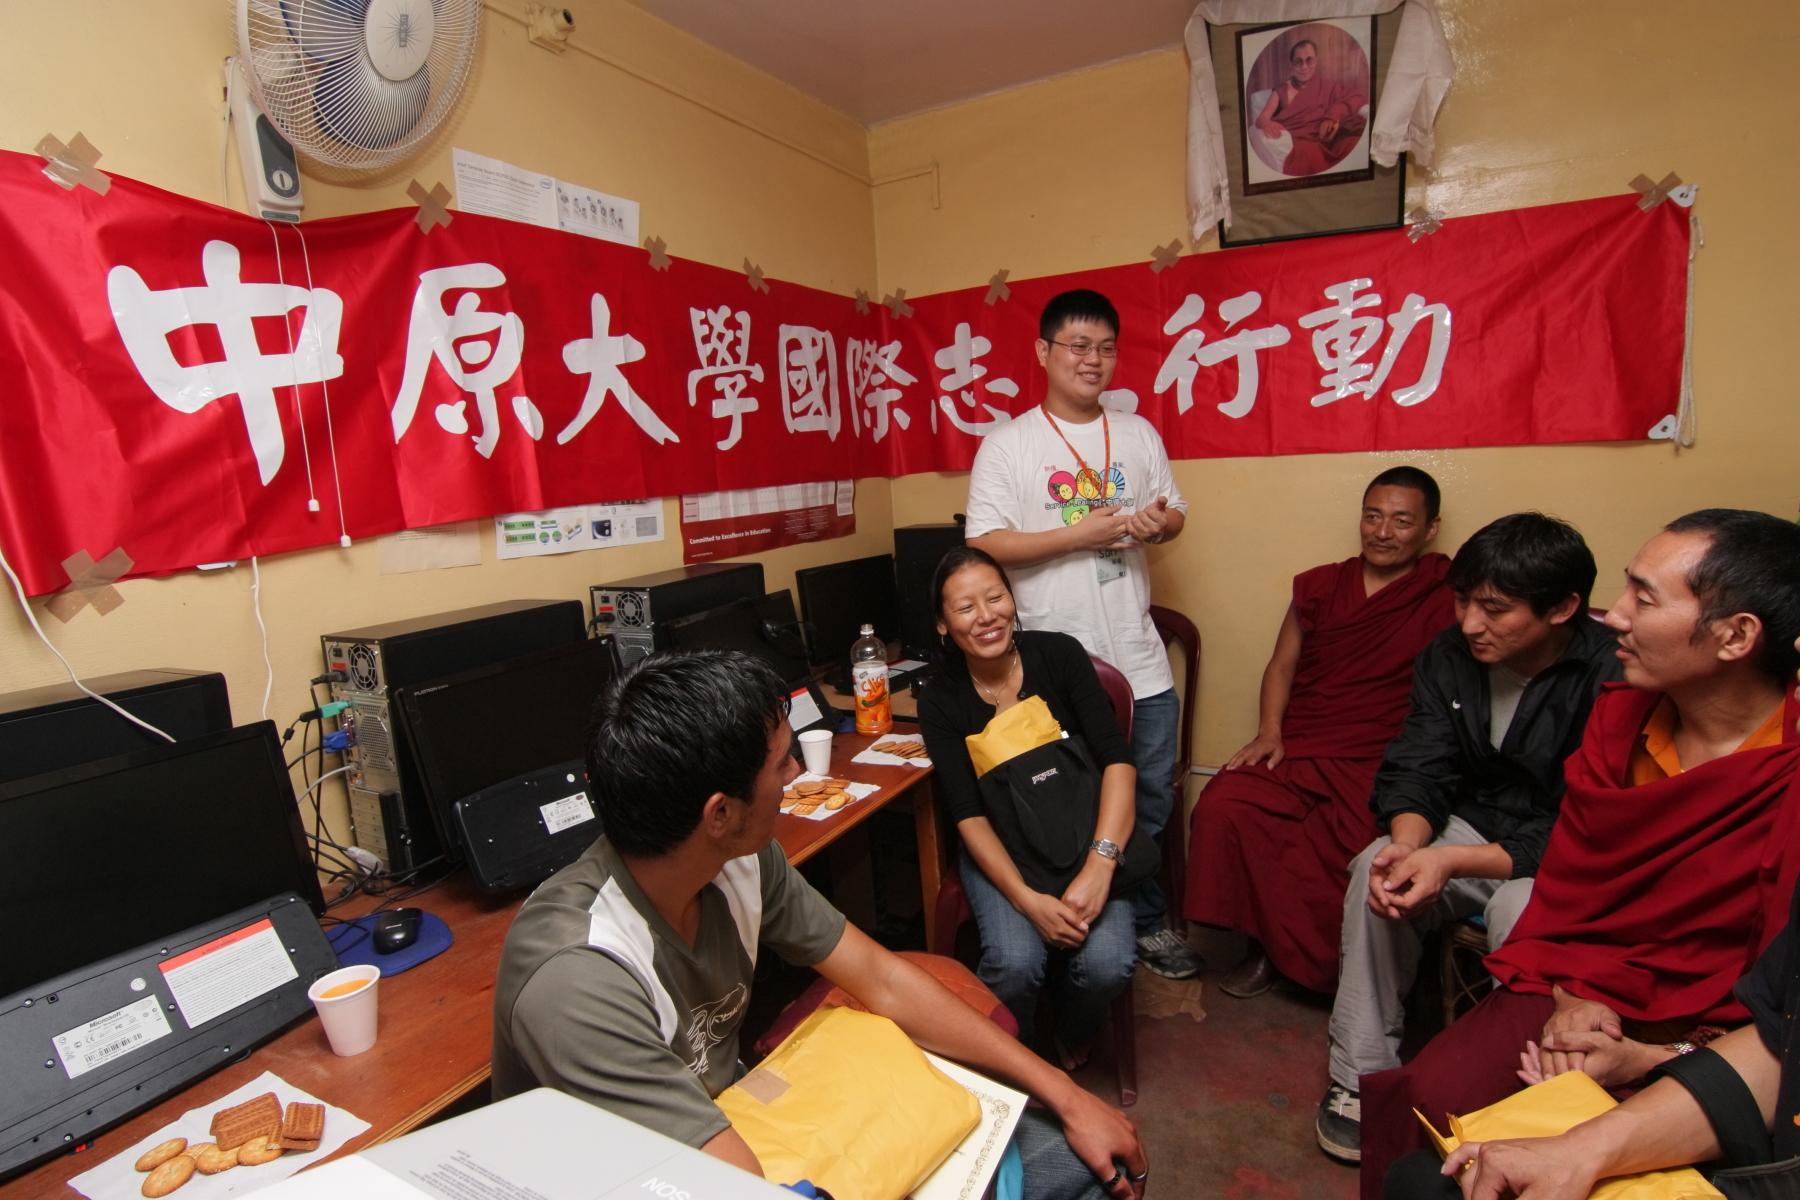 中原學生前進北印度 打造藏人數位花園